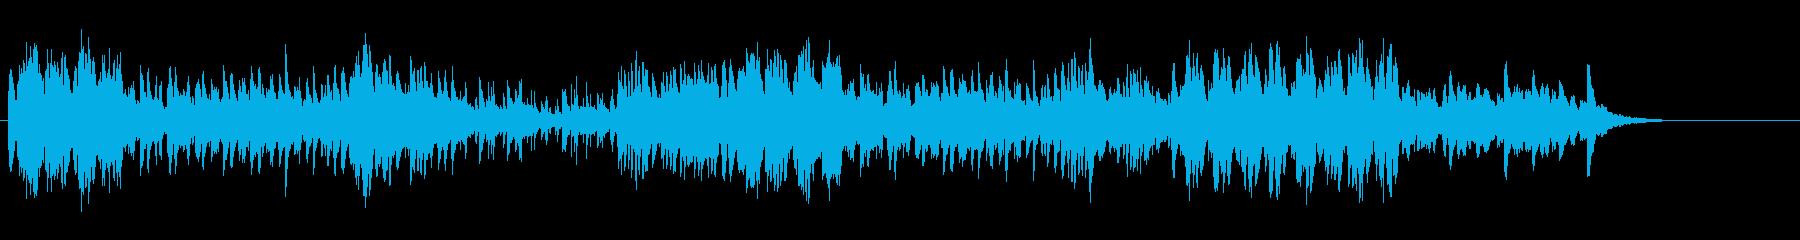 マリンバ・鉄琴・木琴などによる高速五重奏の再生済みの波形